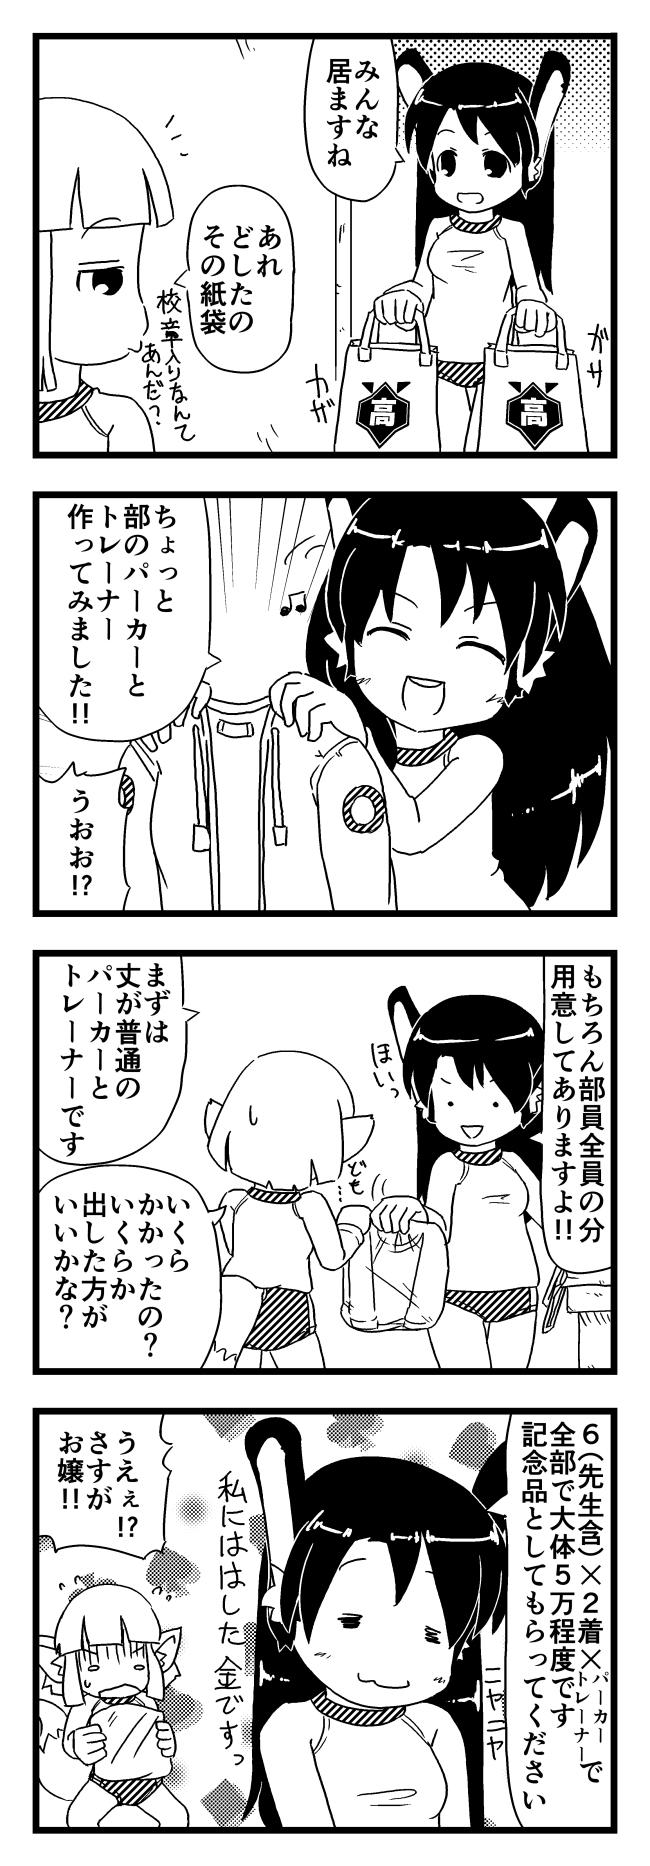 第19話 - 白き伏兵/第20話 - 野暮ったき衣